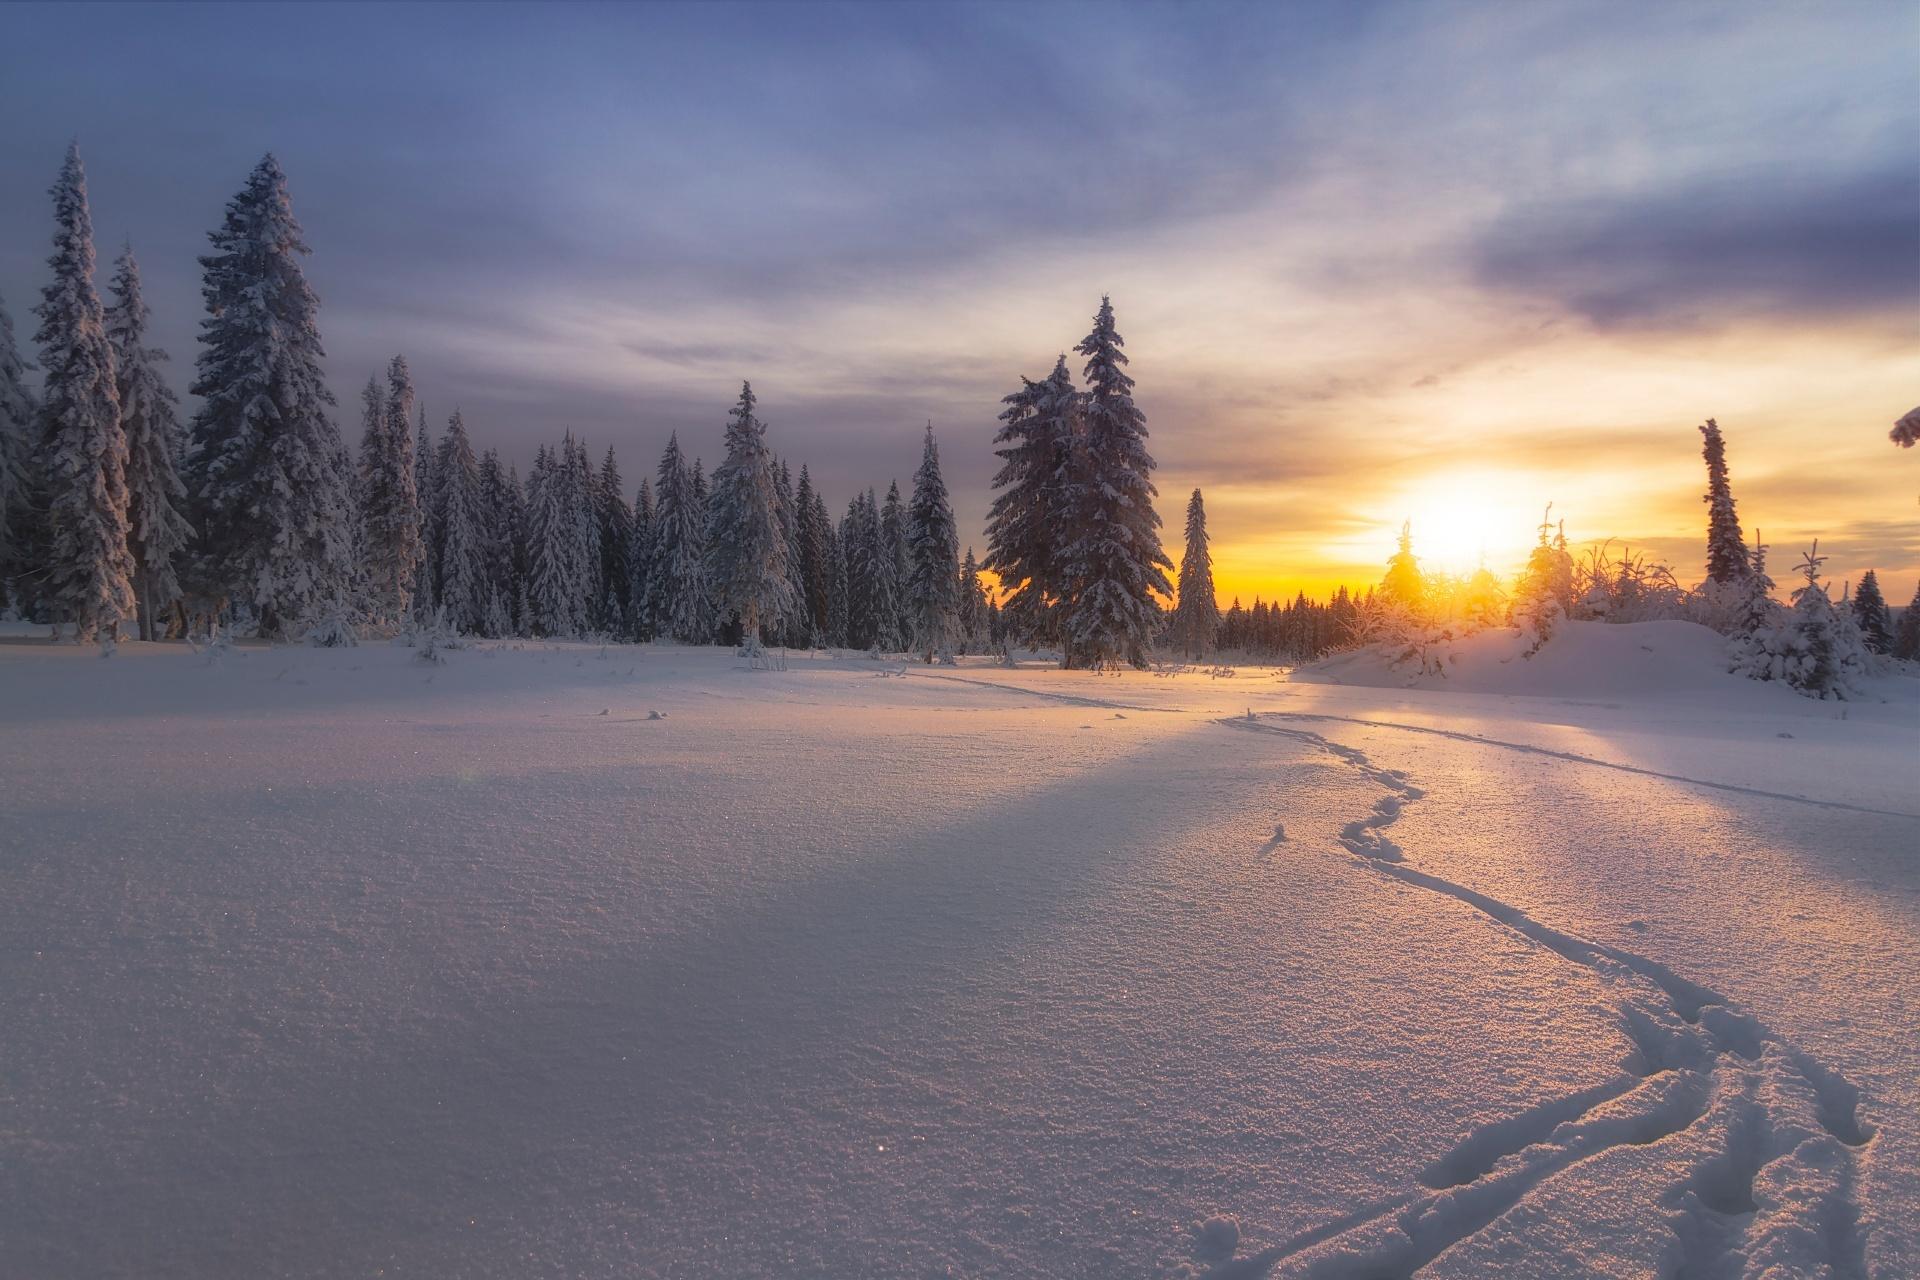 夕暮れの雪原